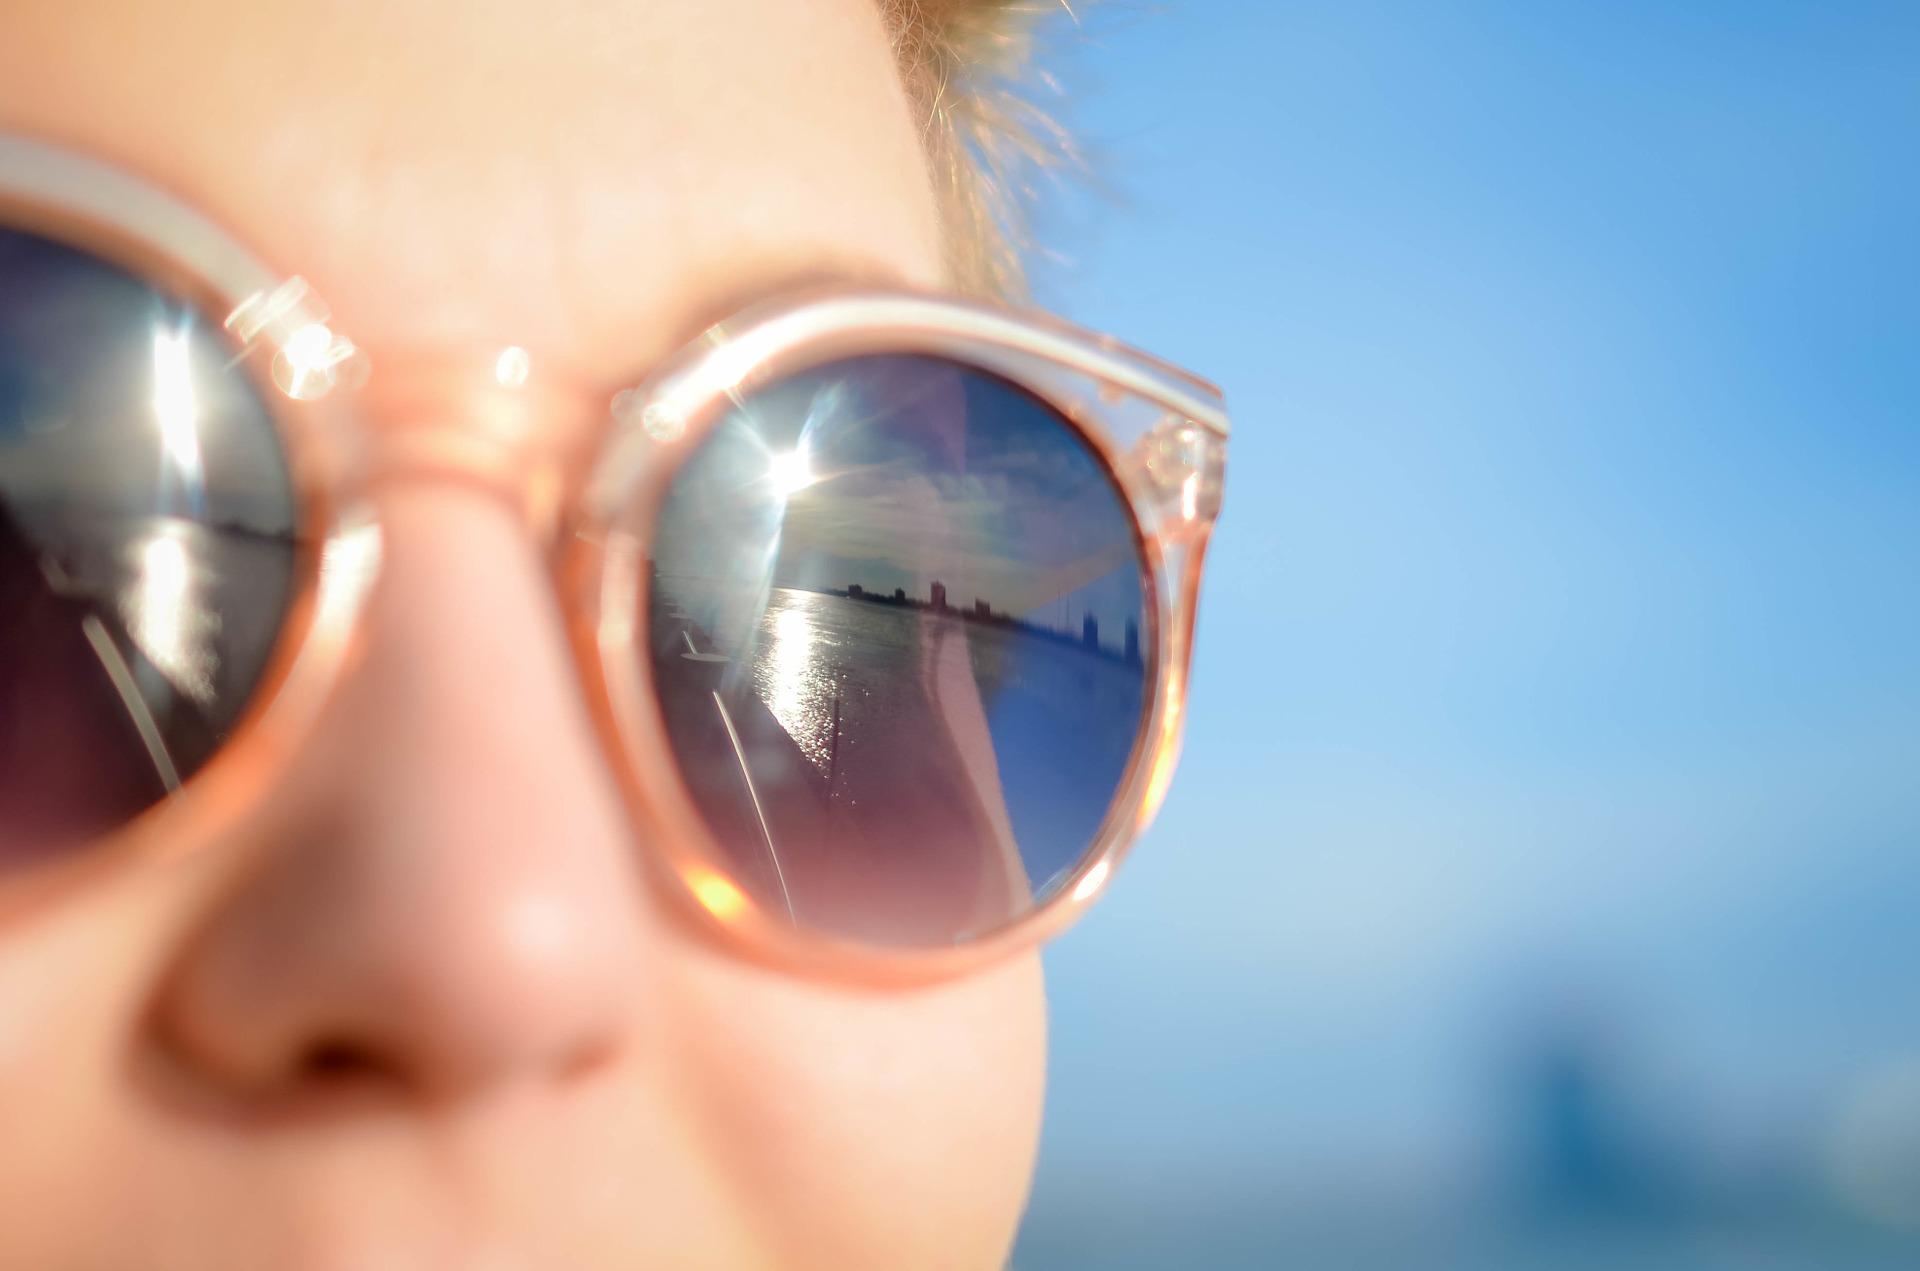 近视带眼镜就好了?可你知道高度近视的危害吗??